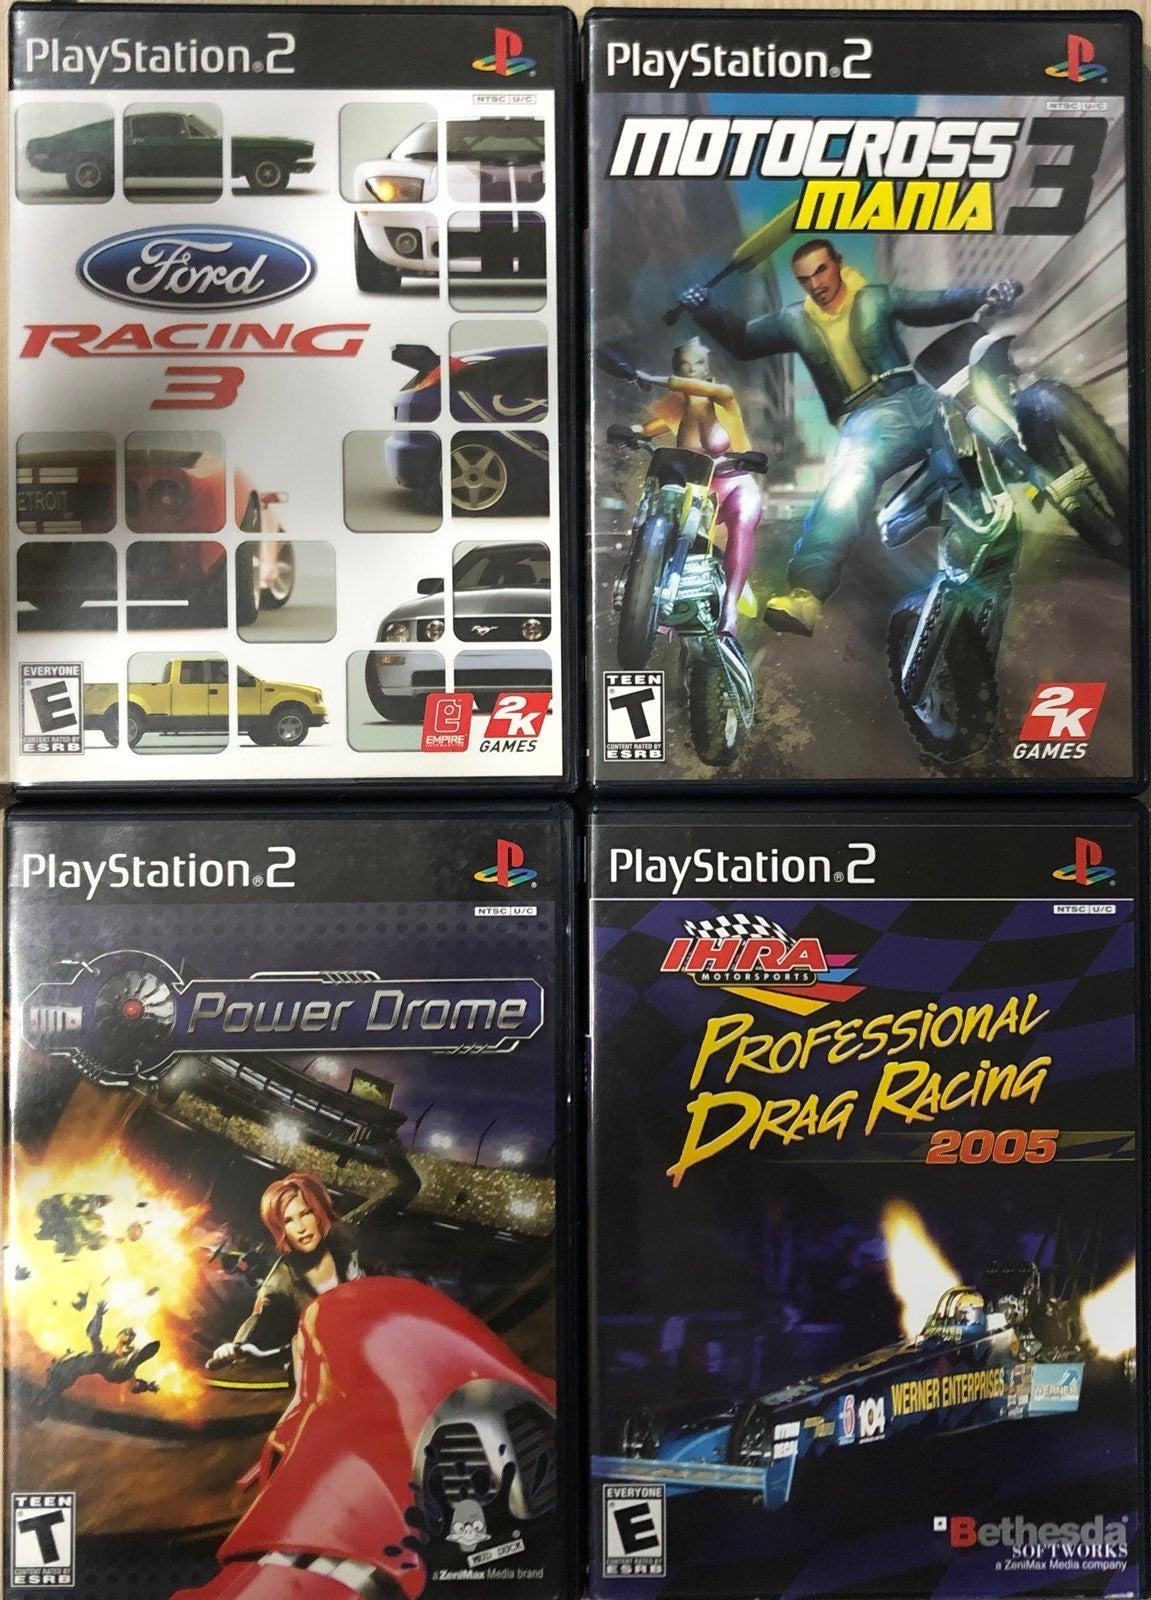 PS2 Vintage Racing Game Pack (4 games)